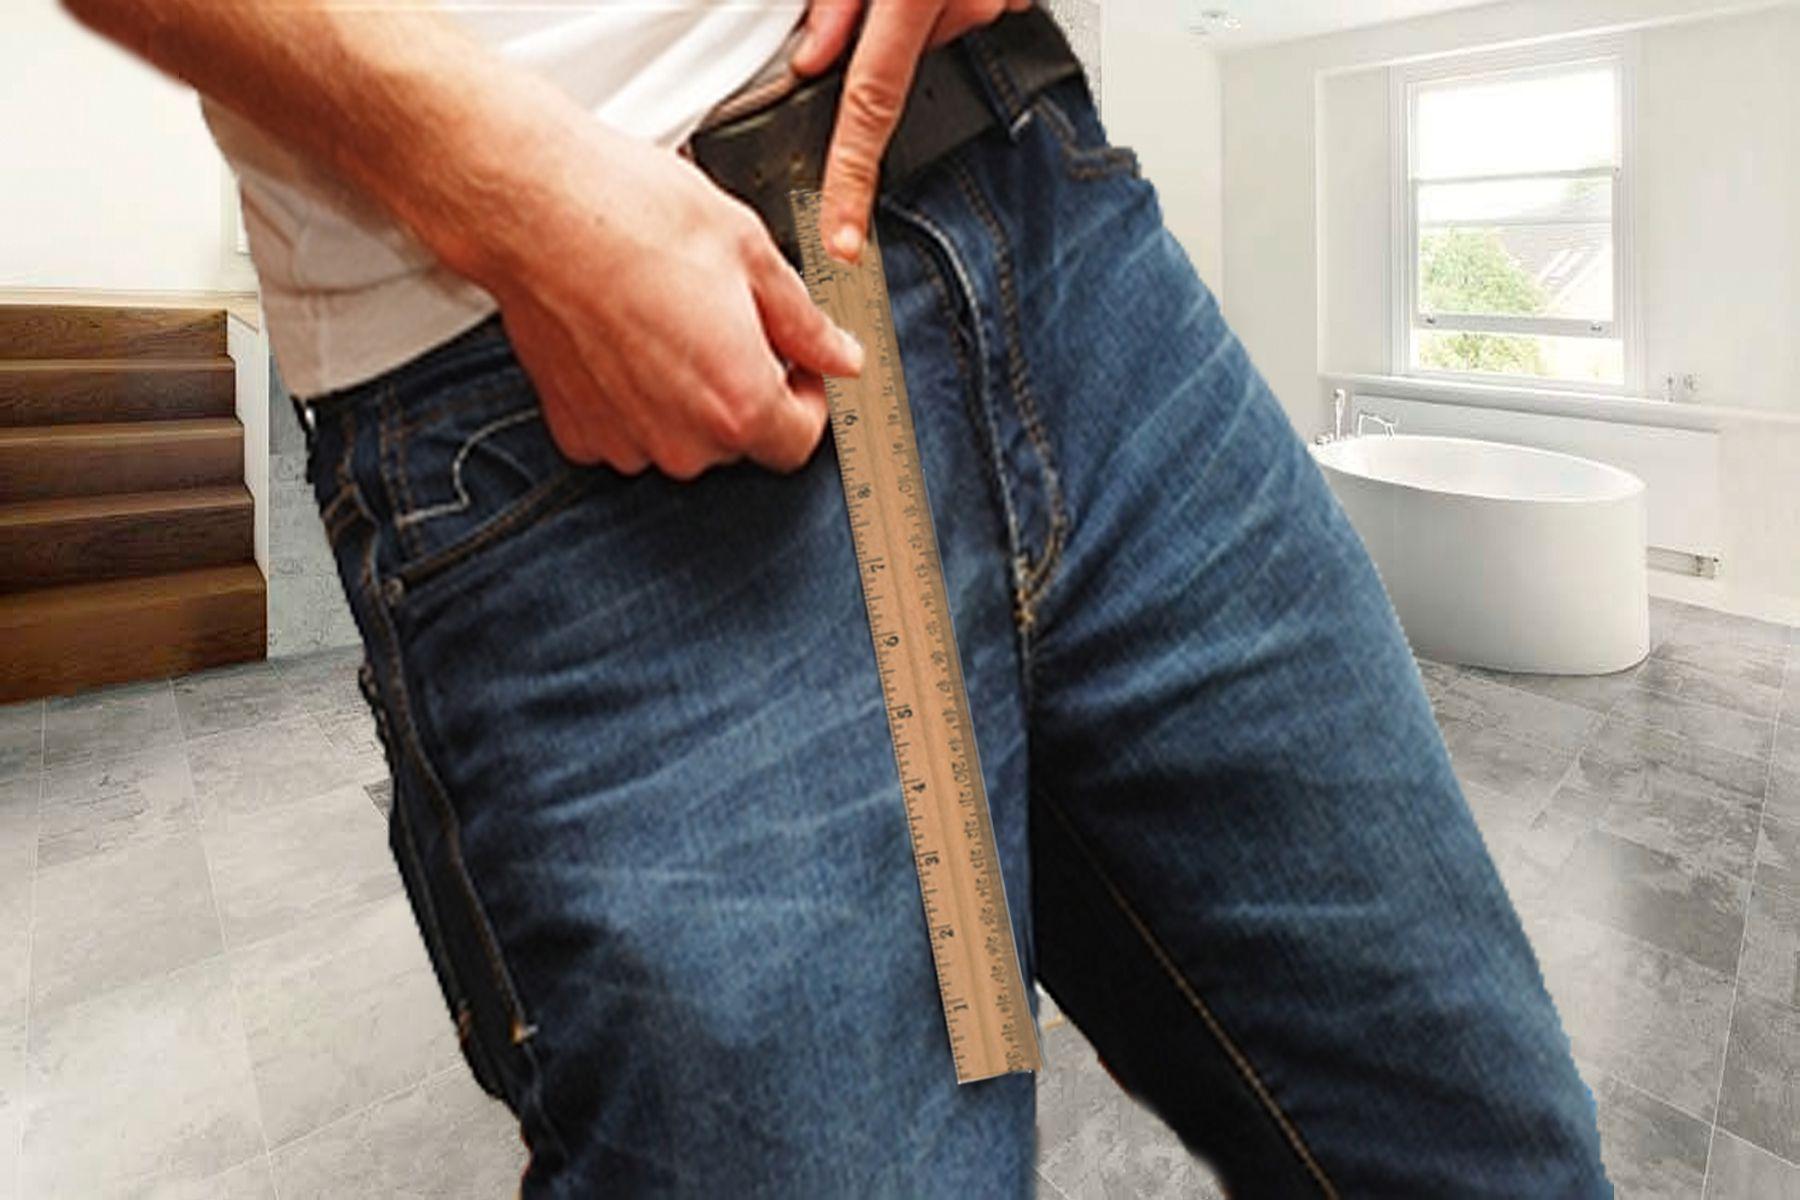 Kiderítették, hogy van-e összefüggés a láb és a pénisz mérete között